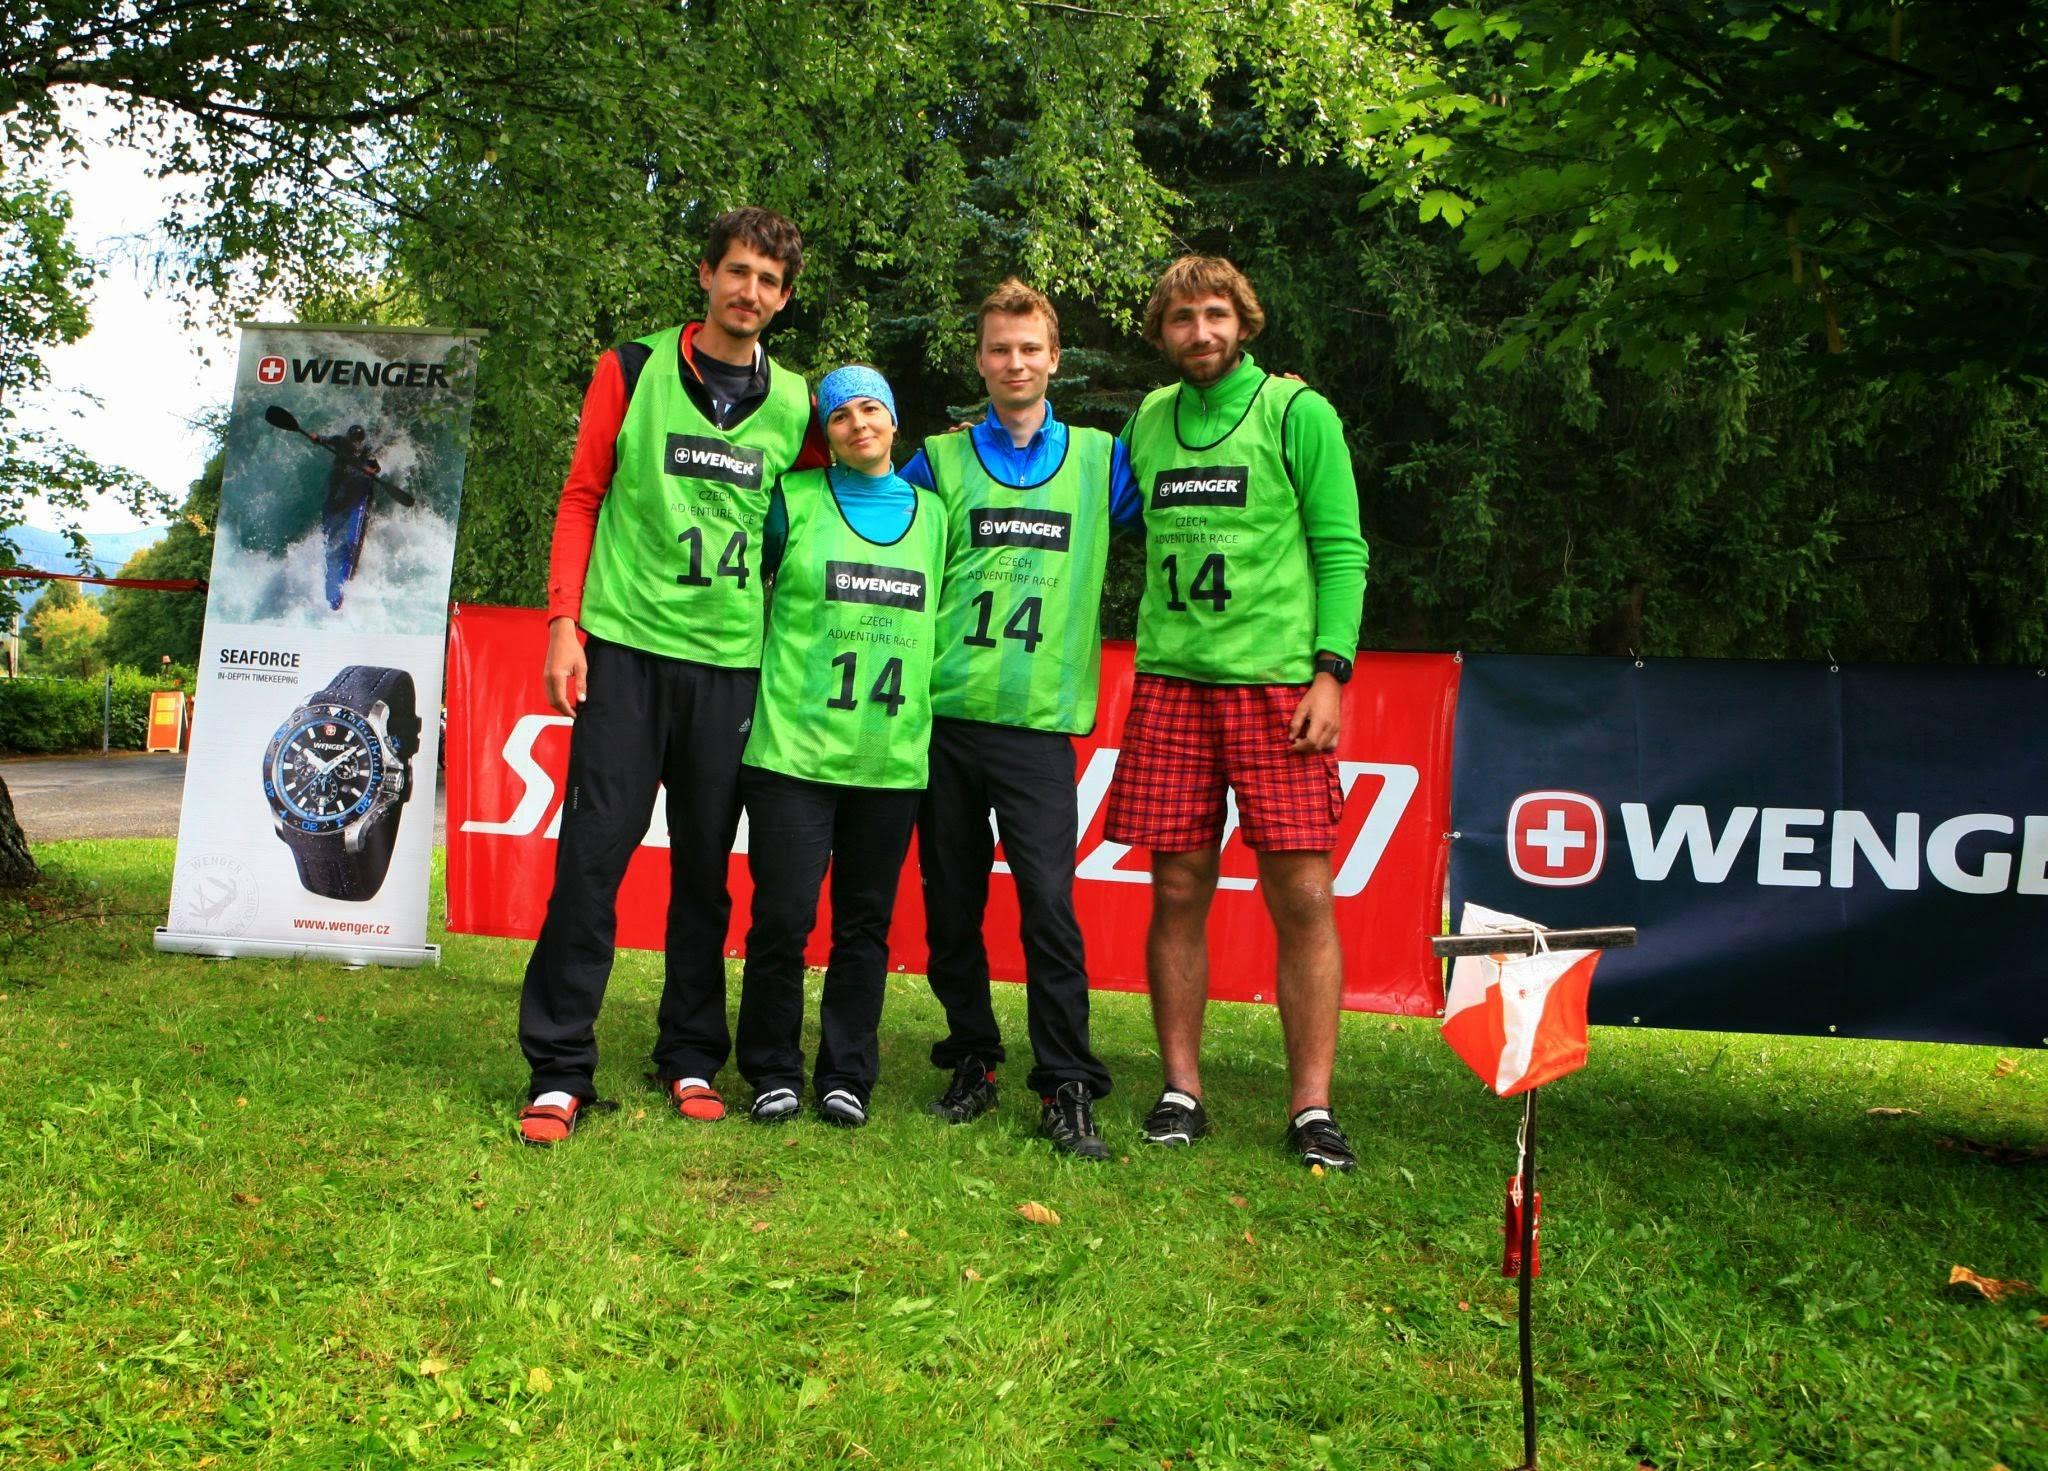 Czech Adventure Race